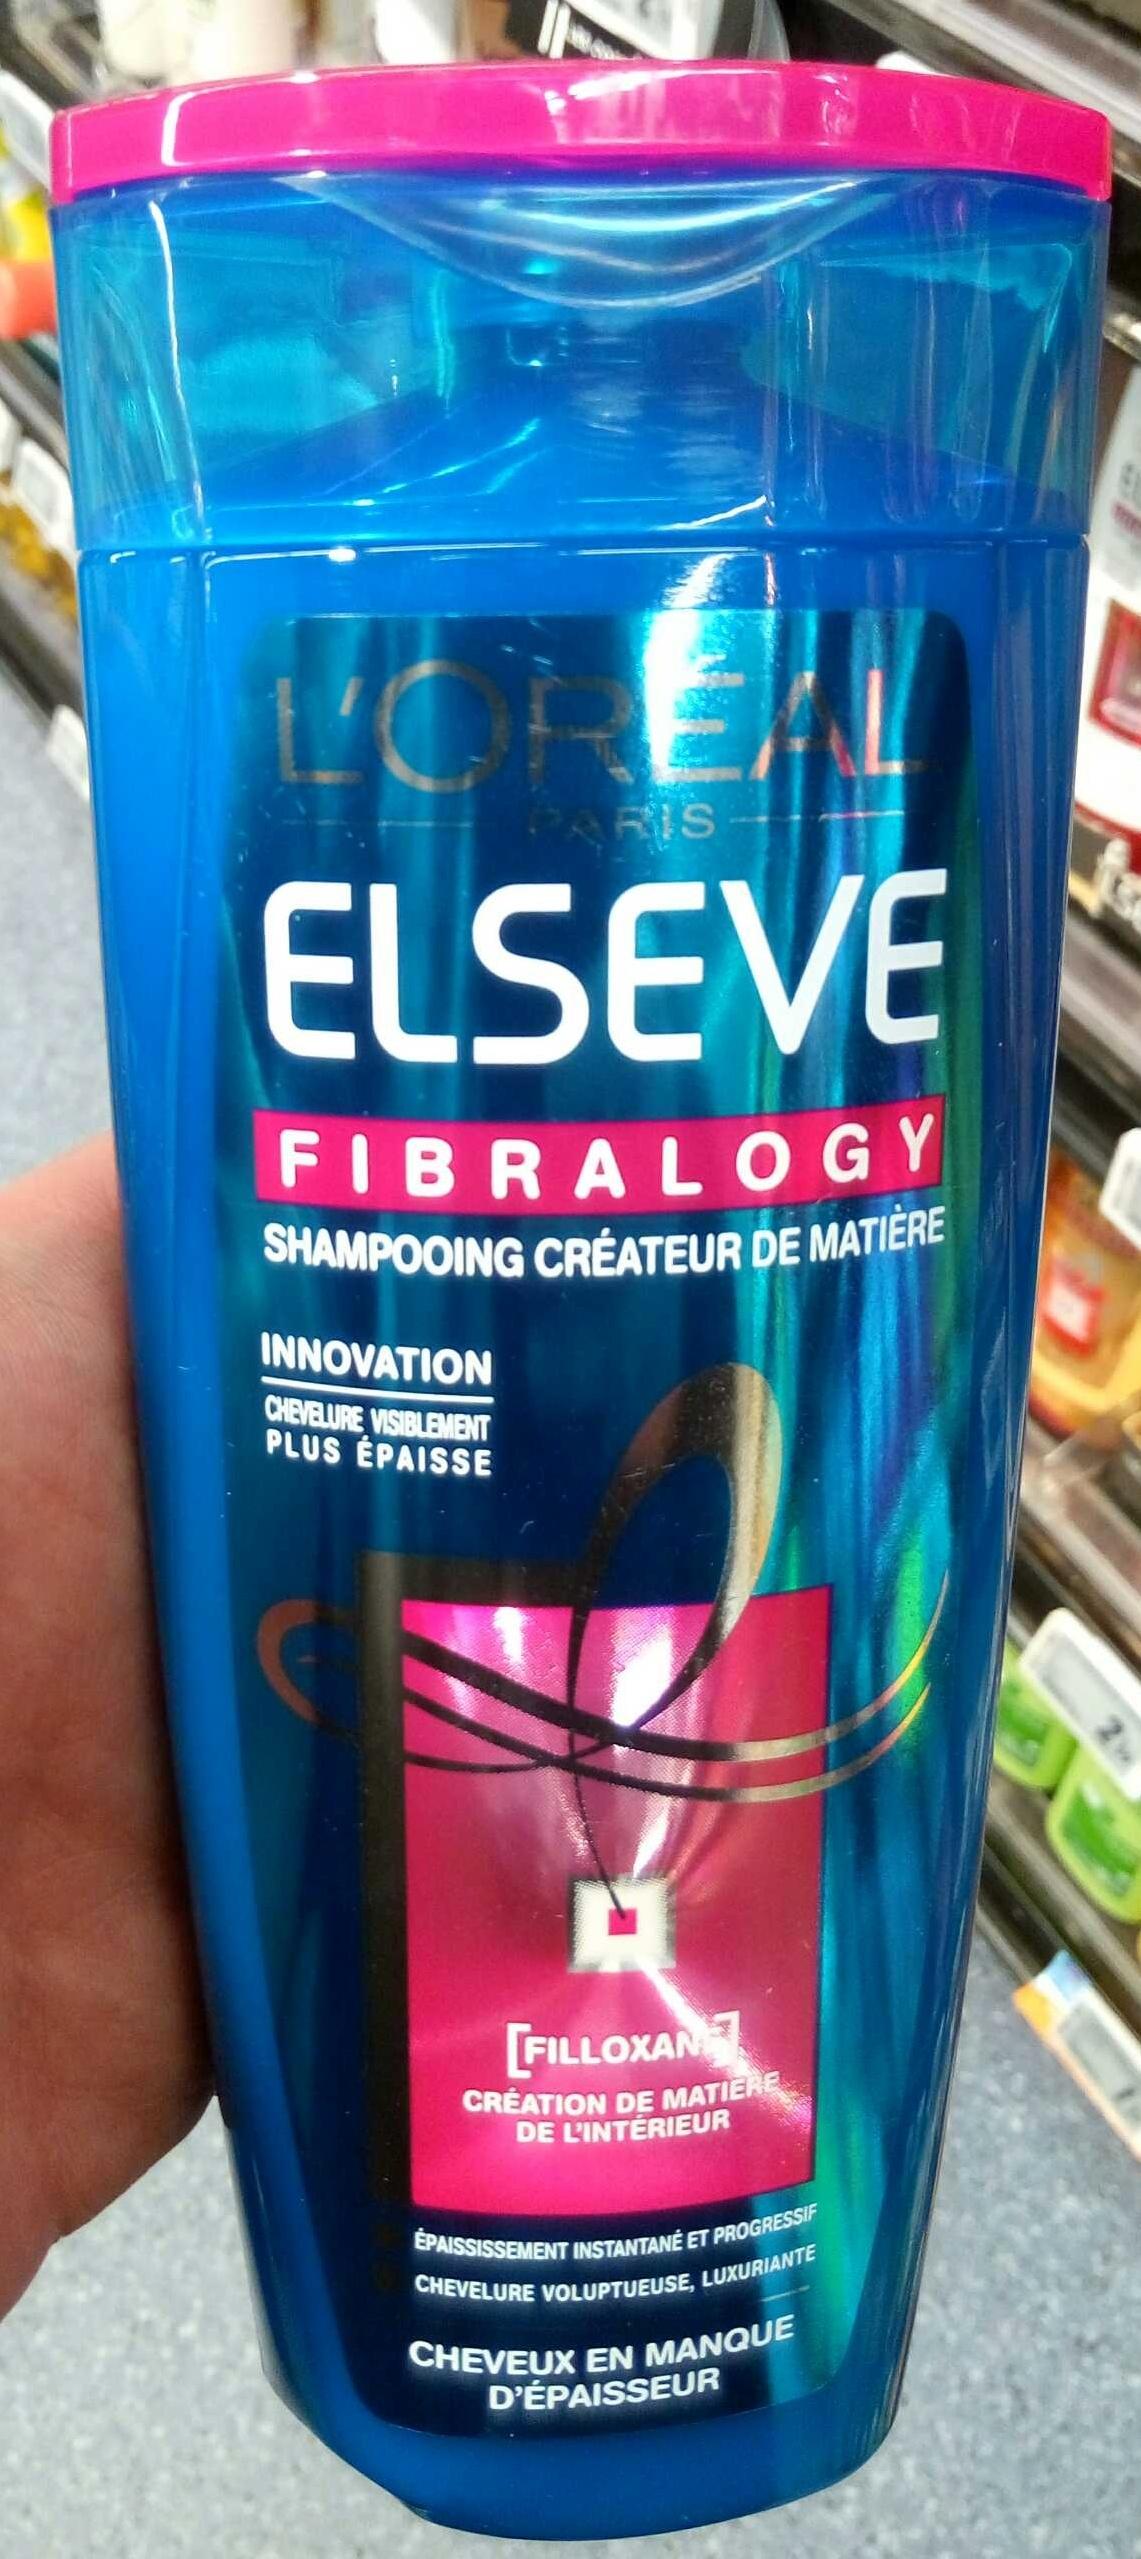 Elseve Fibralogy Shampooing créateur de matière - Product - fr